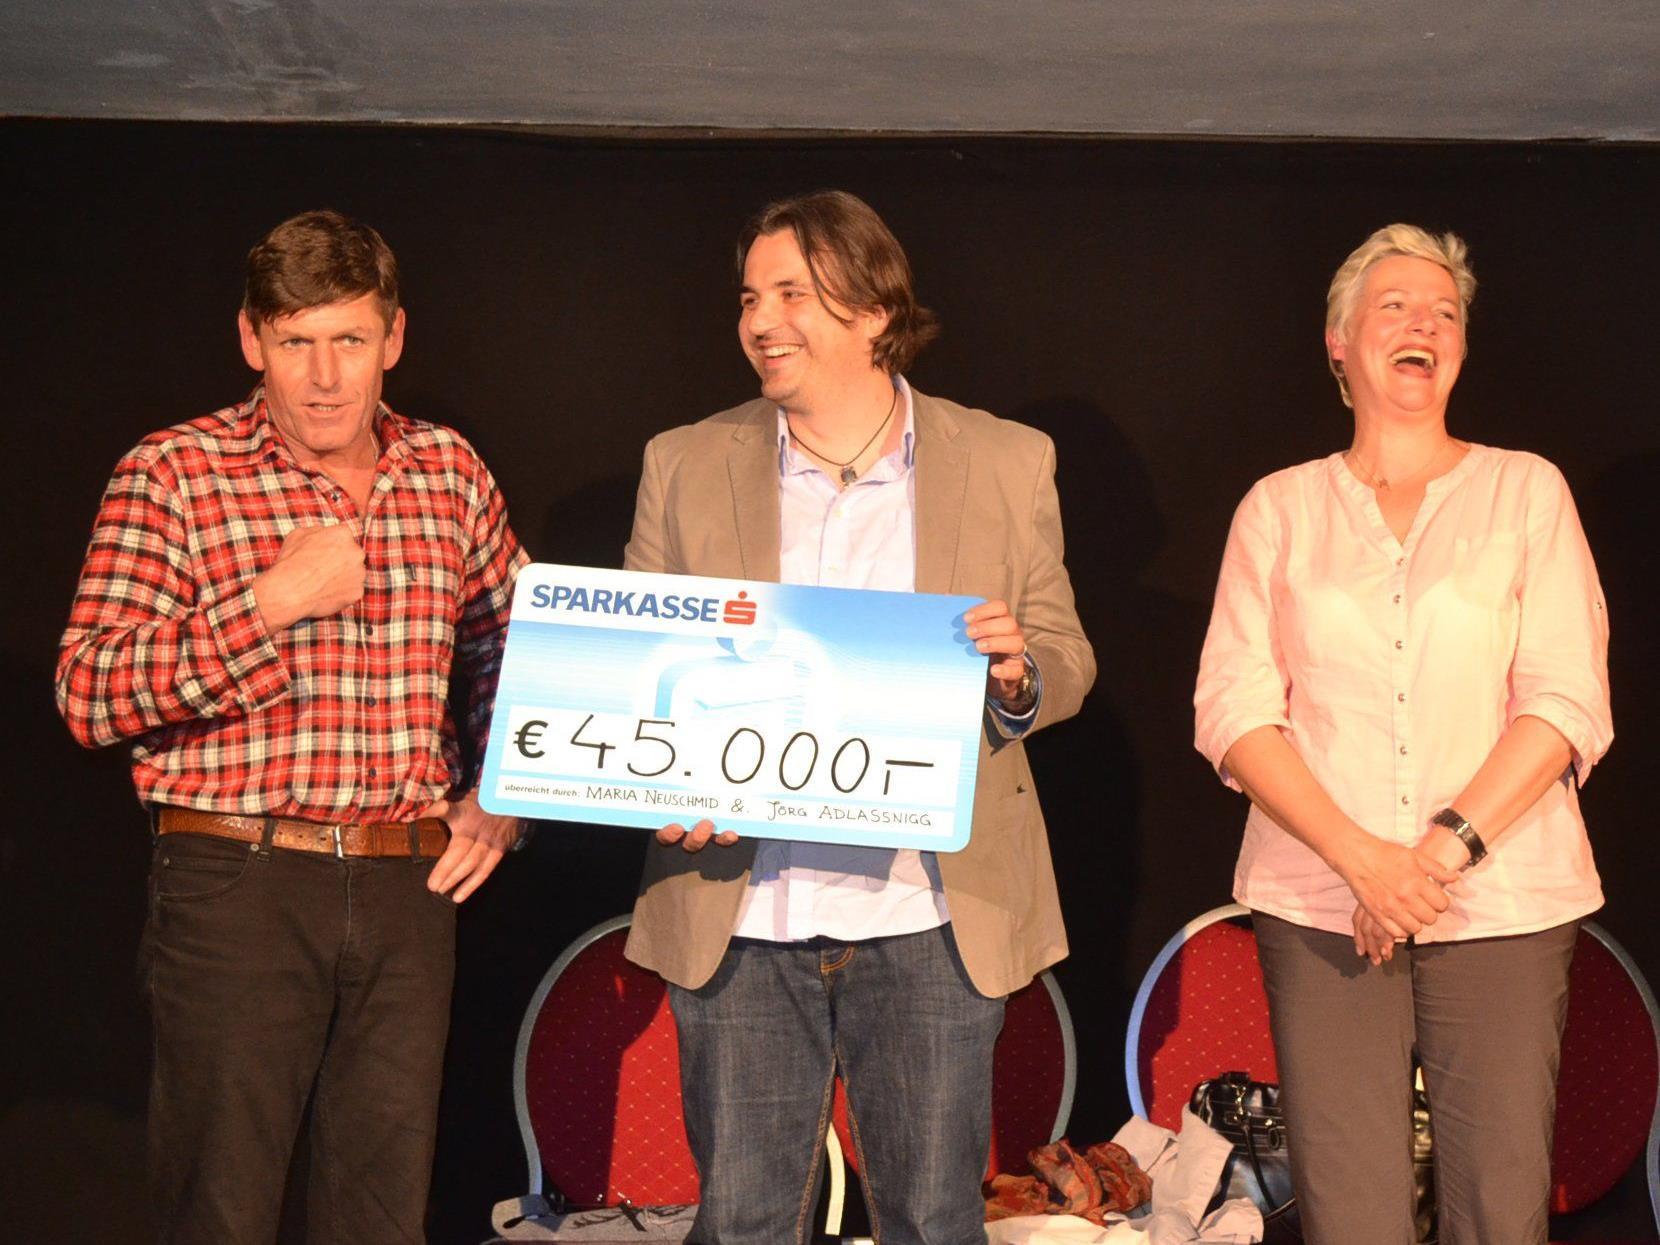 """""""Der Ausflug"""" von Neuschmid und Adlassnigg konnten sie so im Gurtiser Kellertheater einen Scheck mit einer sagenhaften Spendensumme von 45.000 Euro an Martin Fellacher von der Caritas-Flüchtlingshilfe übergeben."""